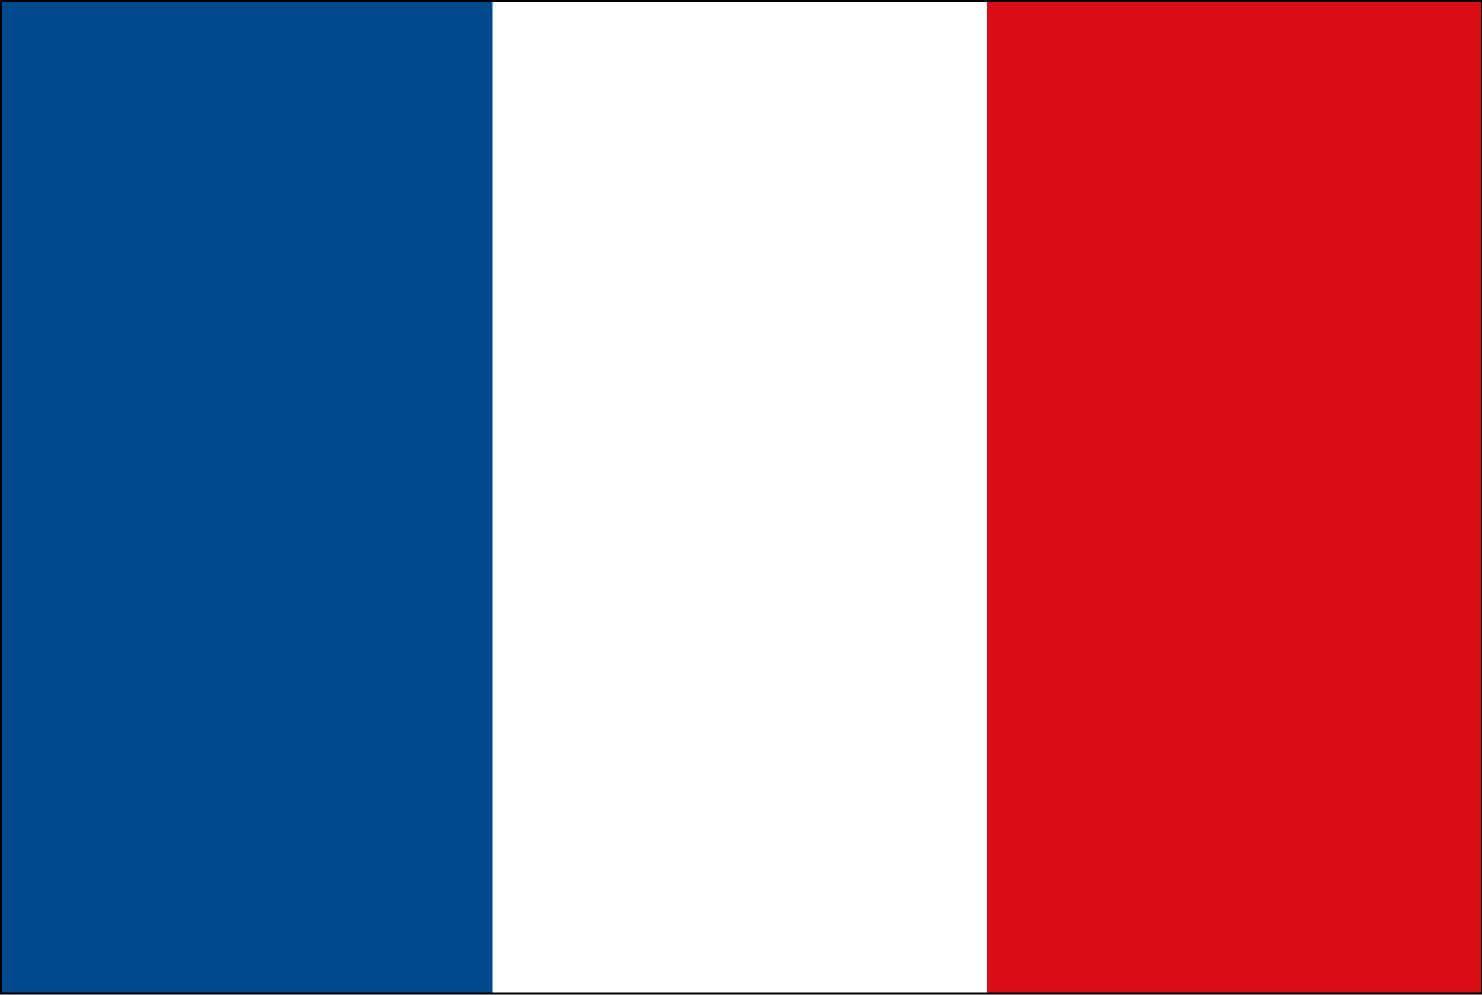 Bandeiras Dos Países Para Imprimir Confira